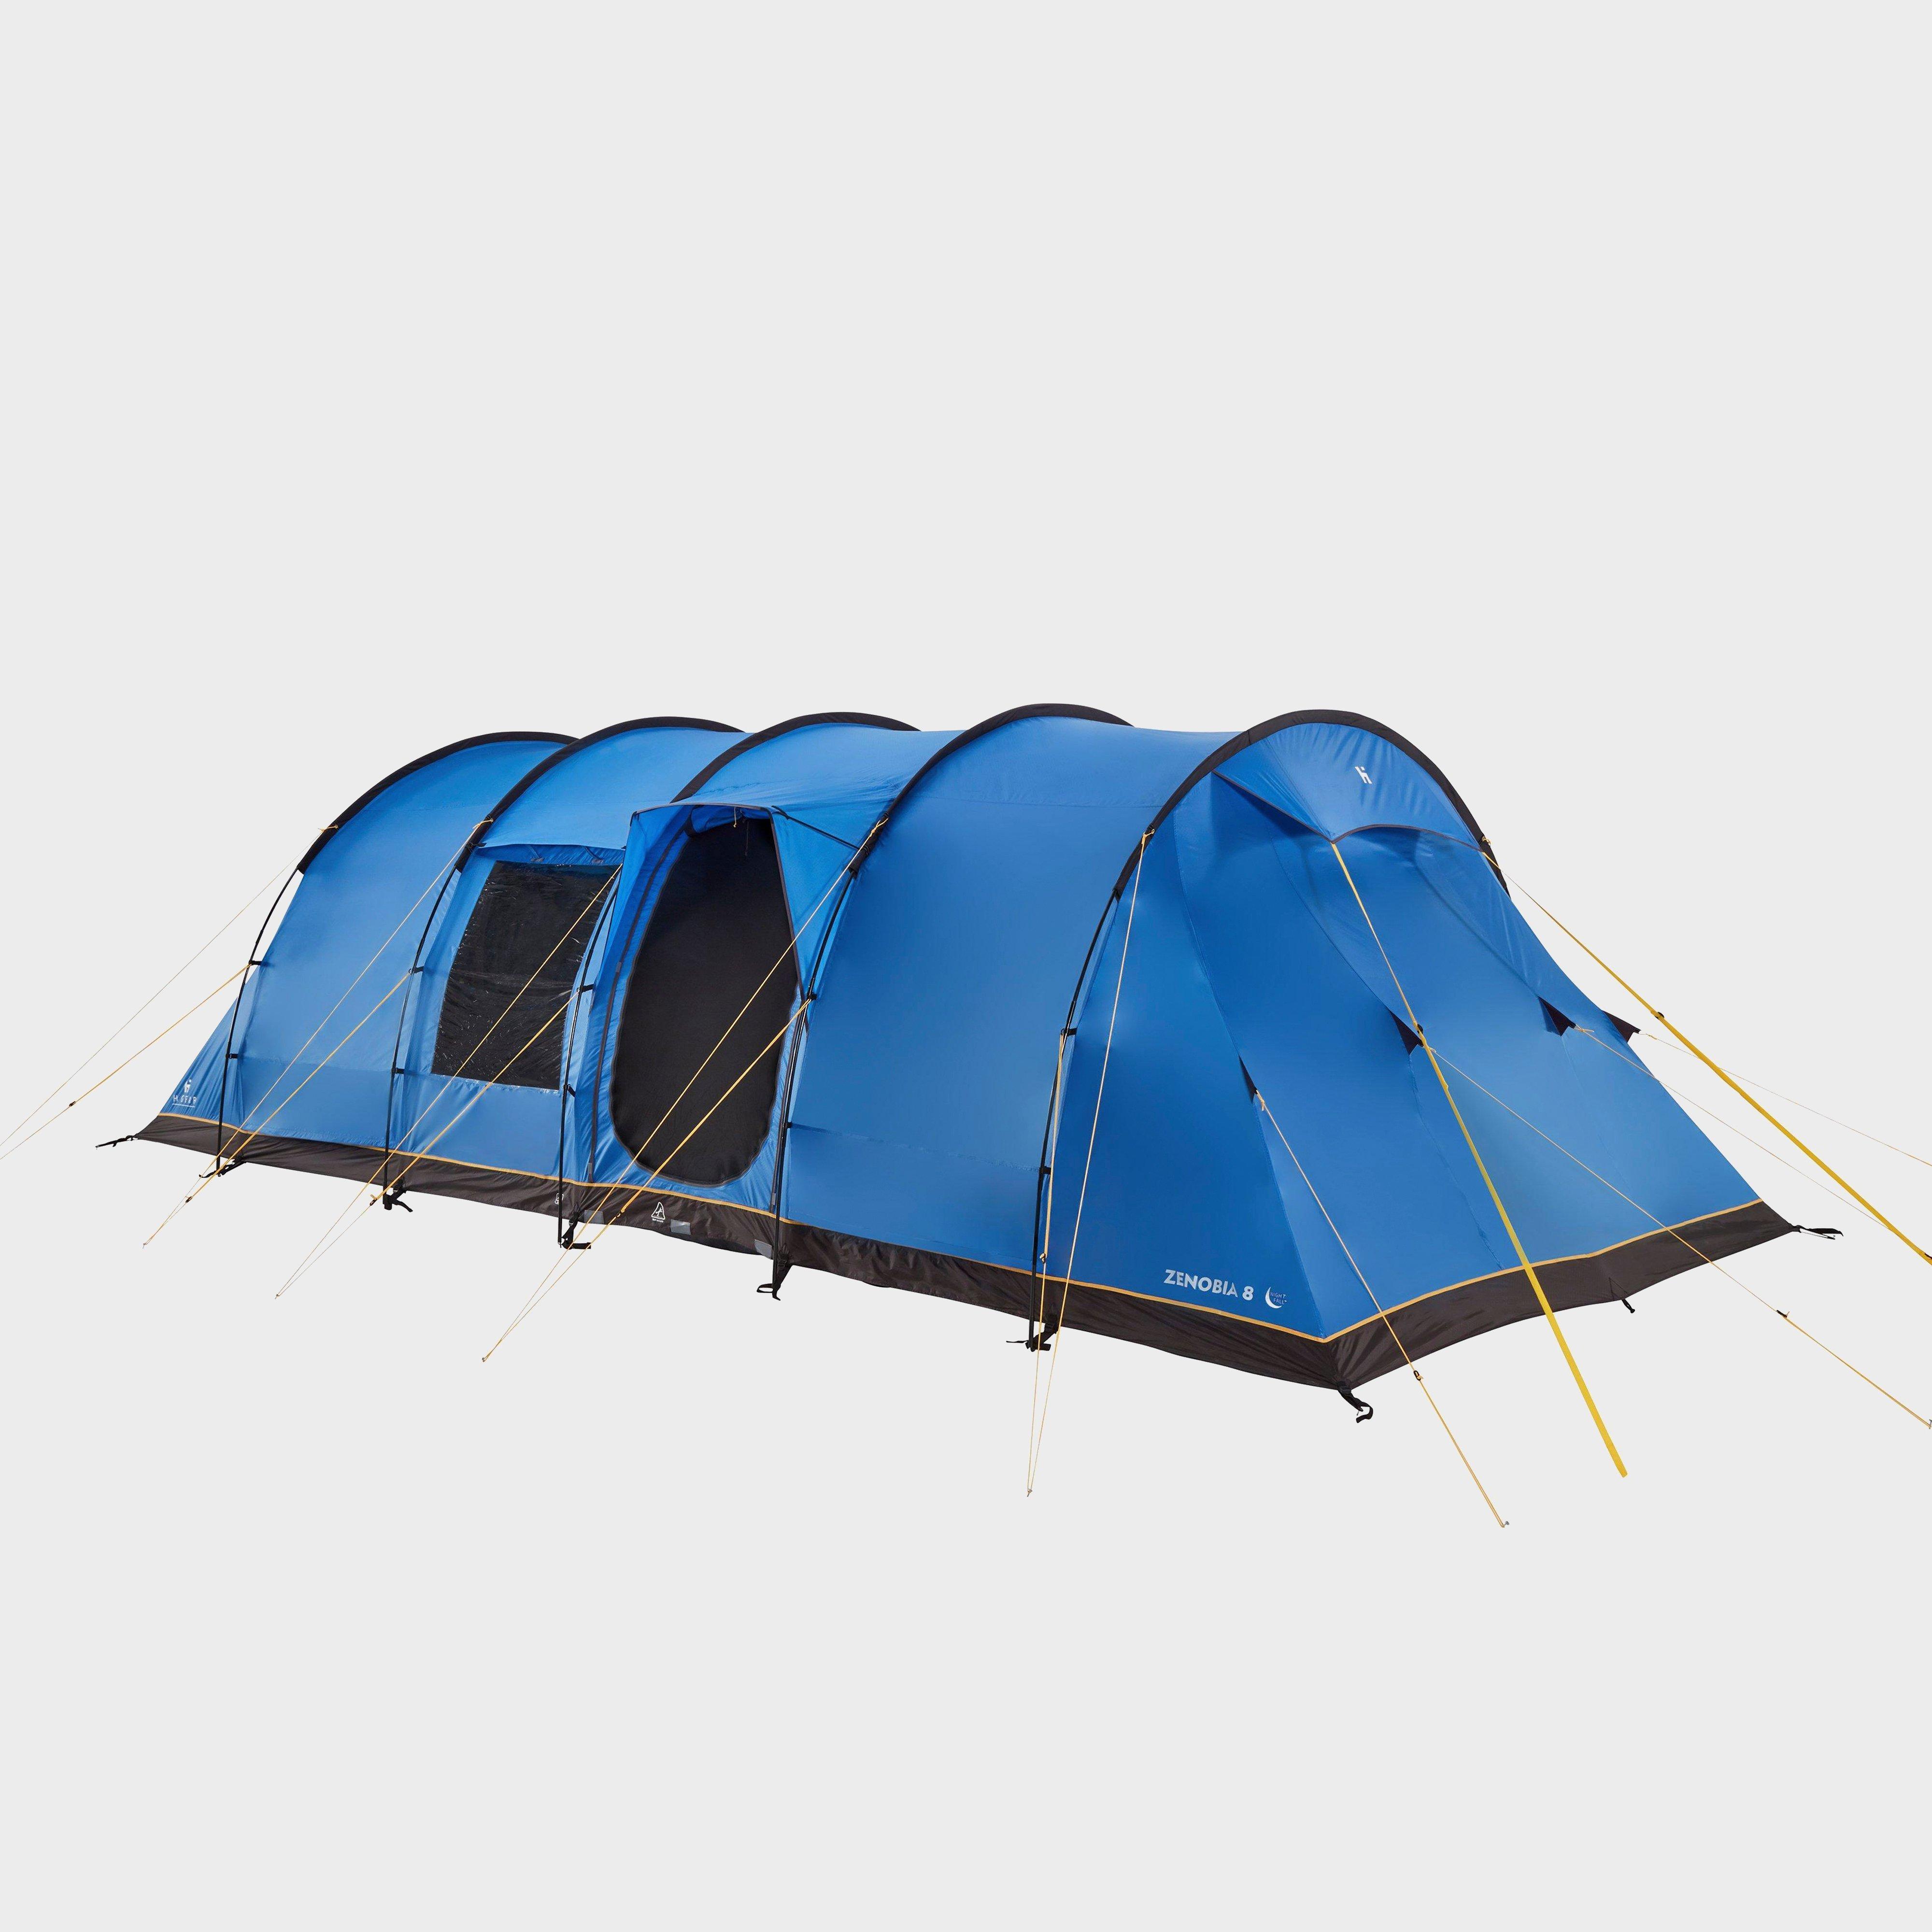 Hi-Gear Zenobia 8 Nightfall Tent - Igo/Igo, IGO/IGO